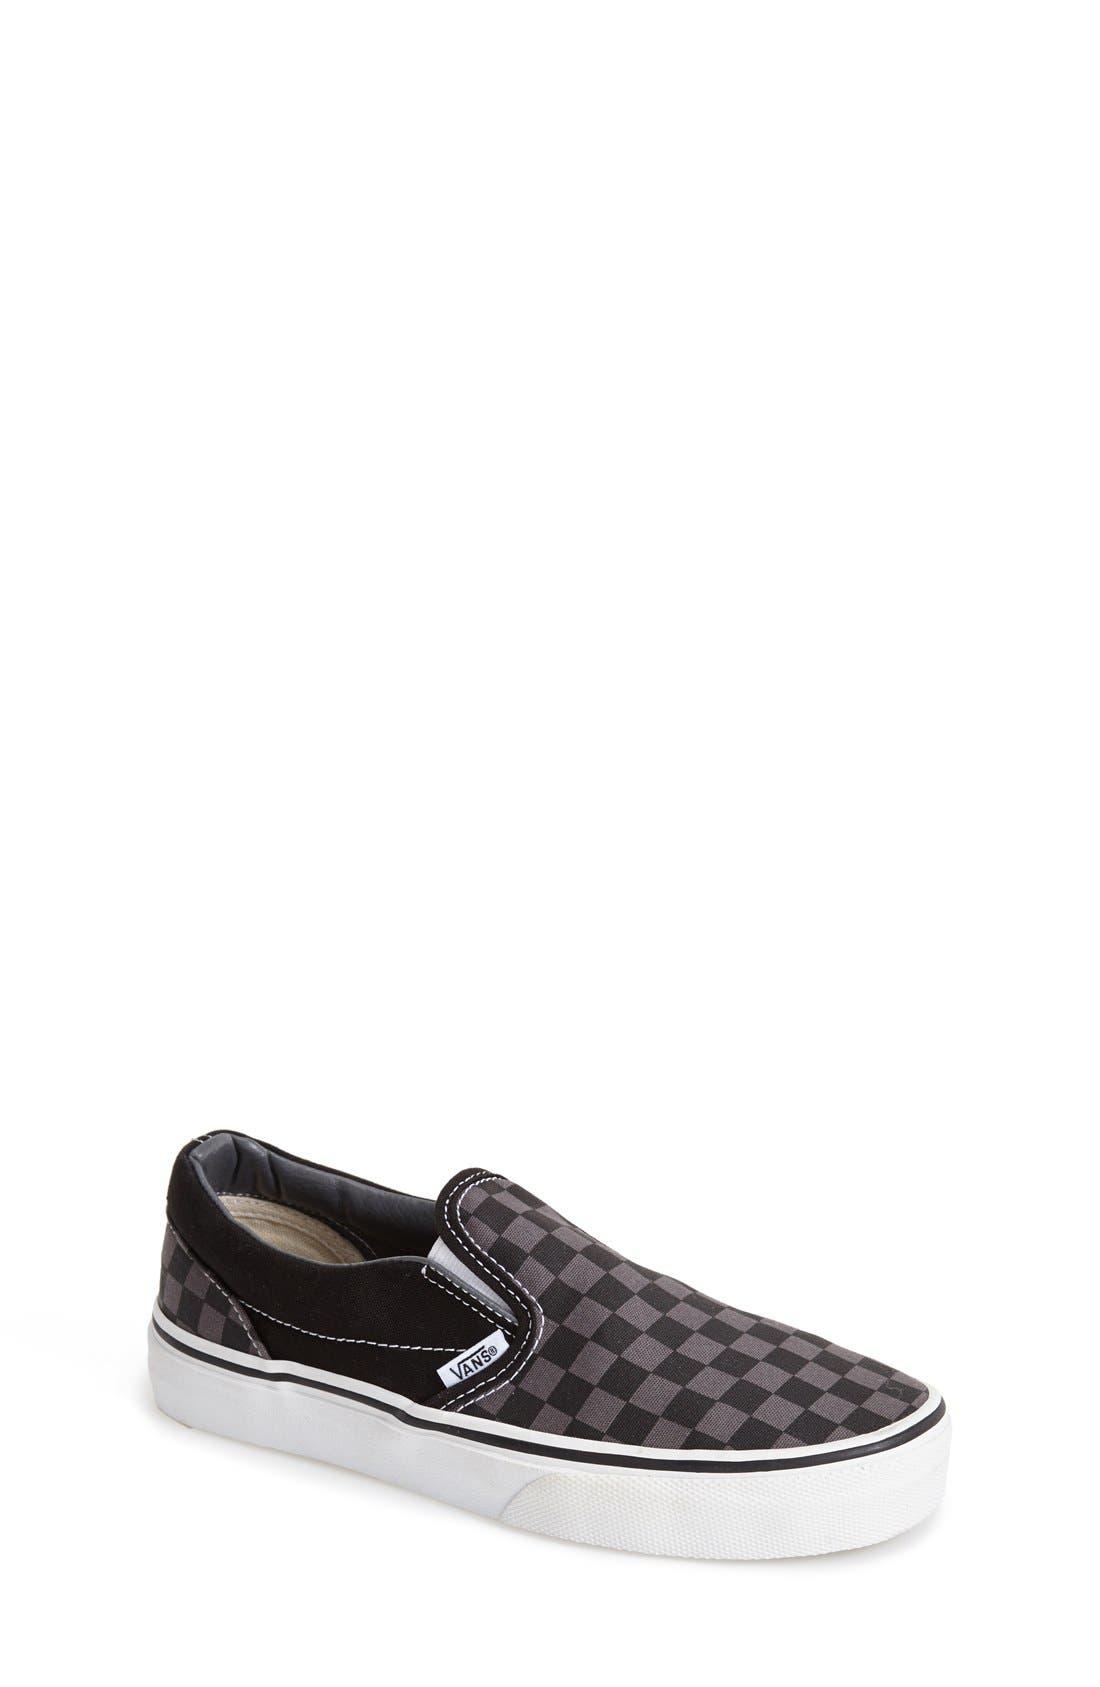 UPC 885929066593 Toddler Vans Slip On Chex Skate Shoe